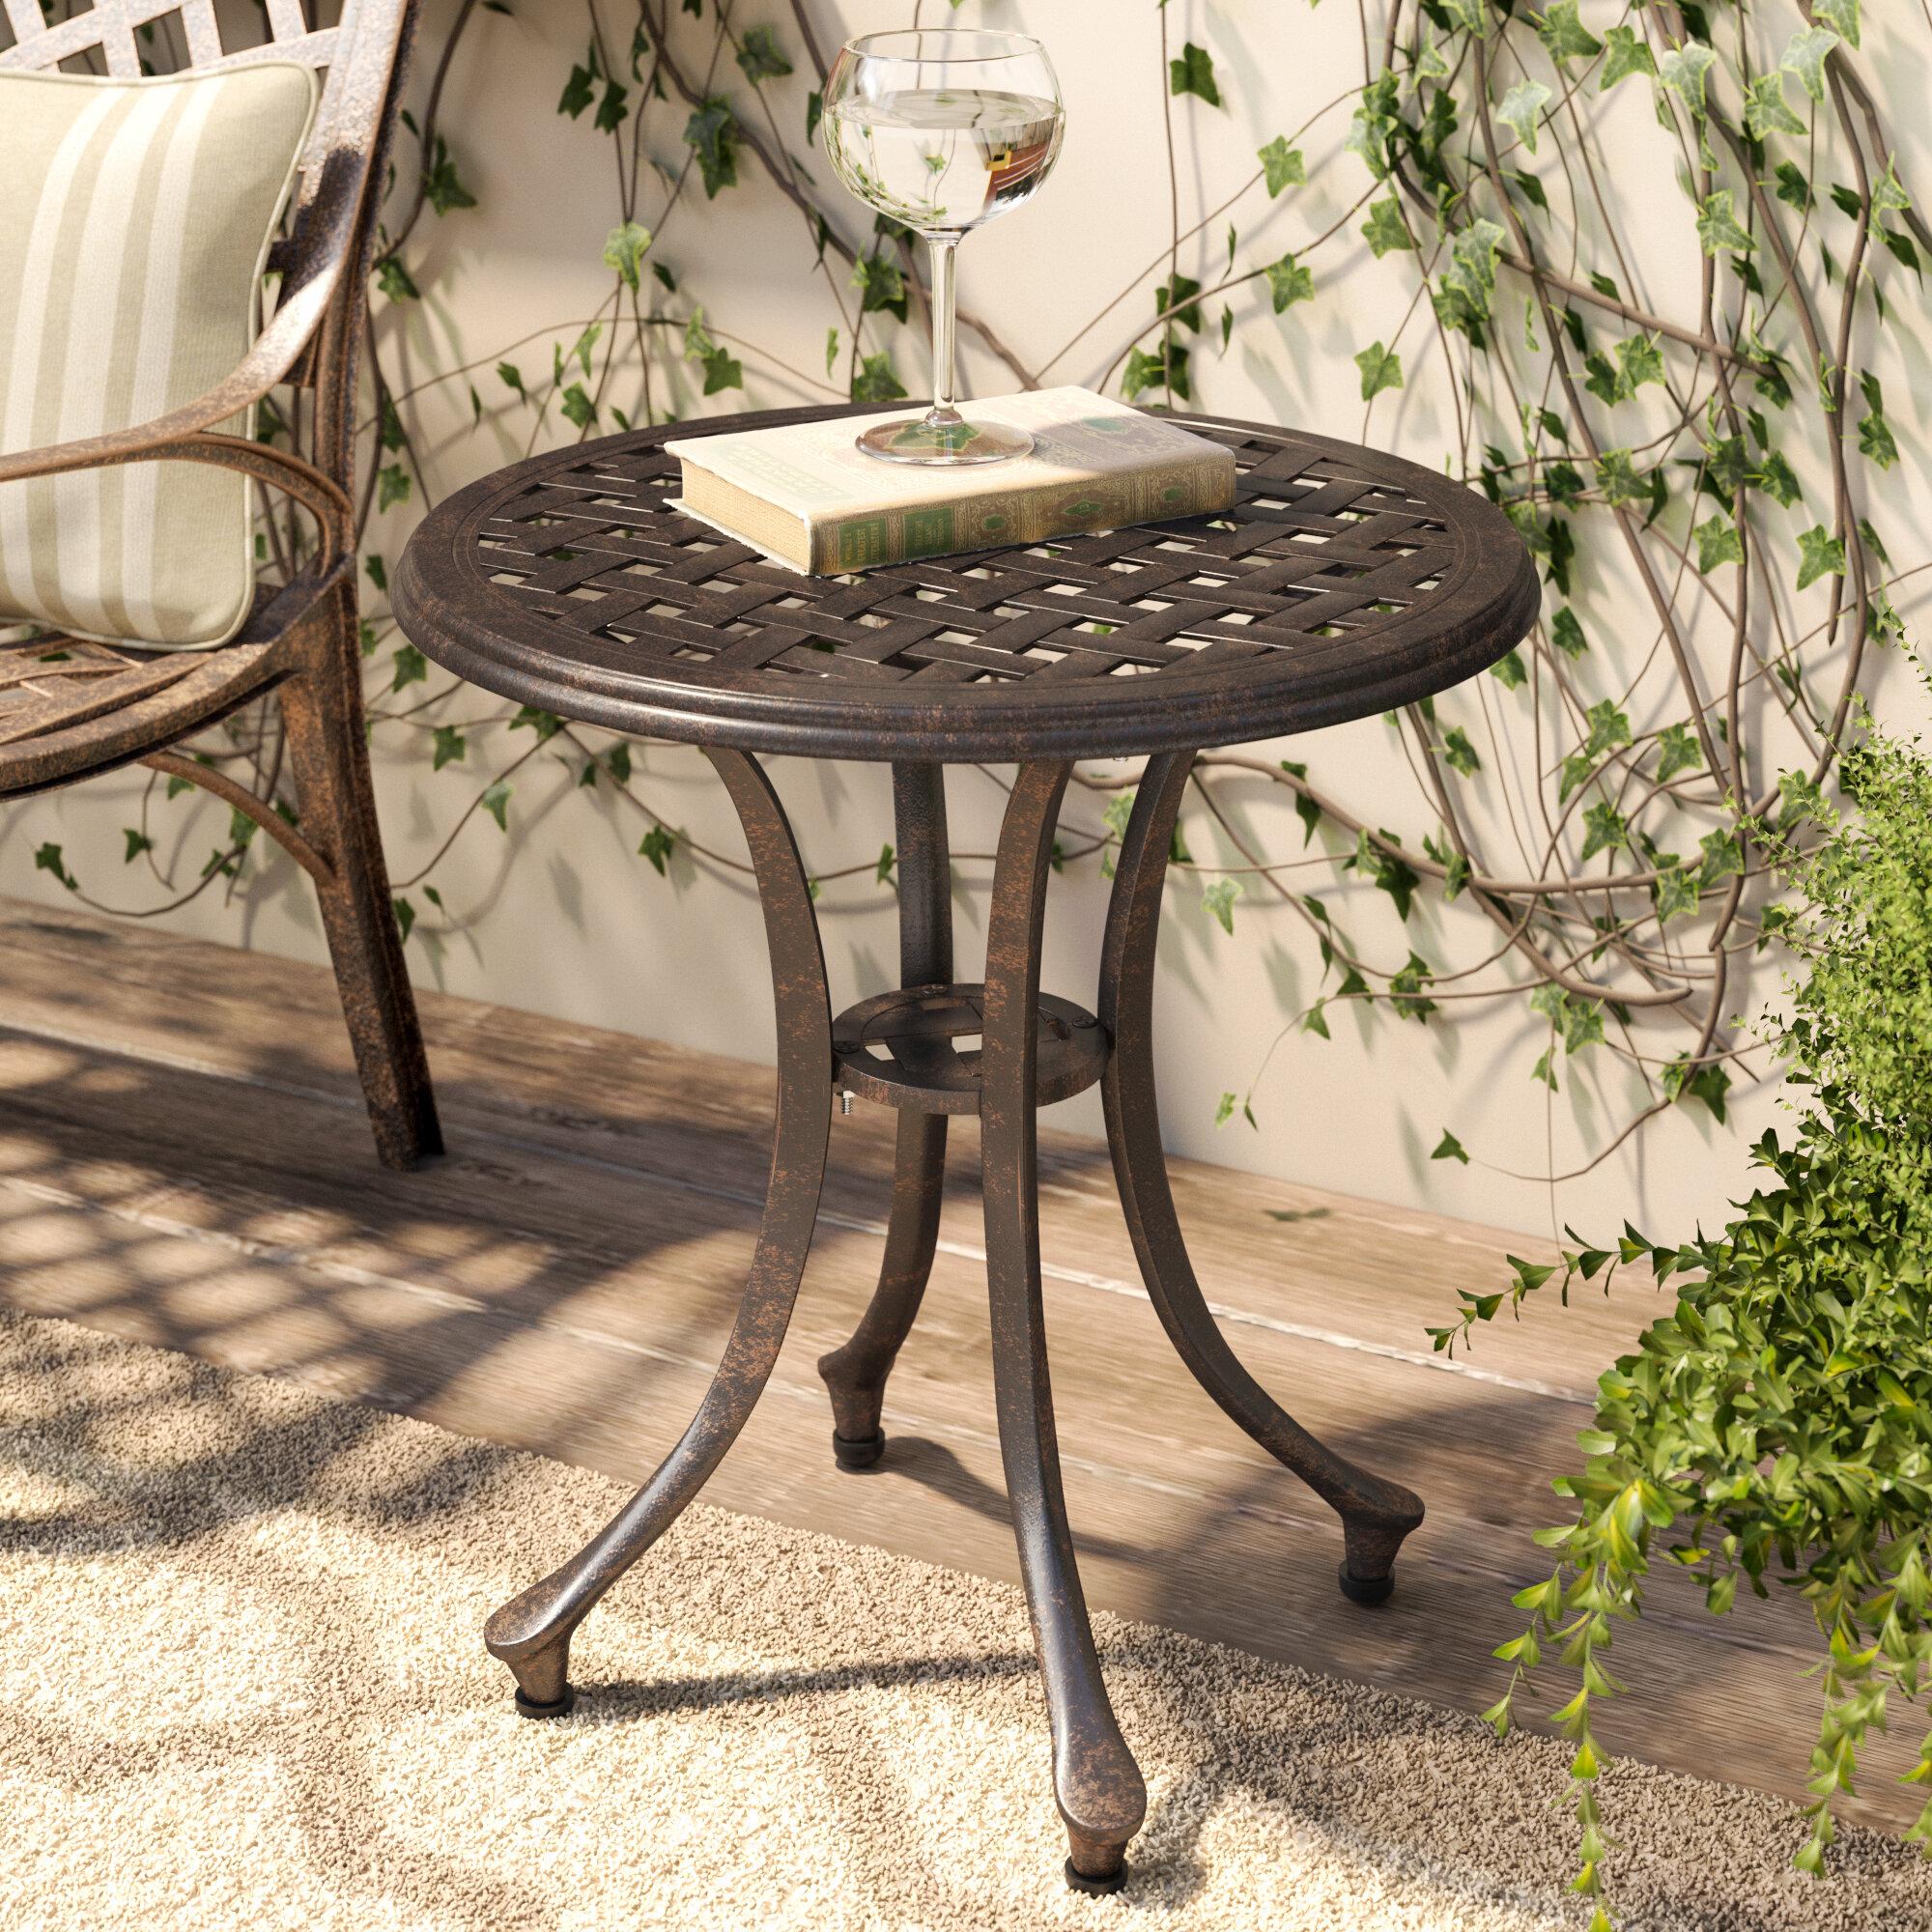 charlton home kastner outdoor metal side table reviews wayfair